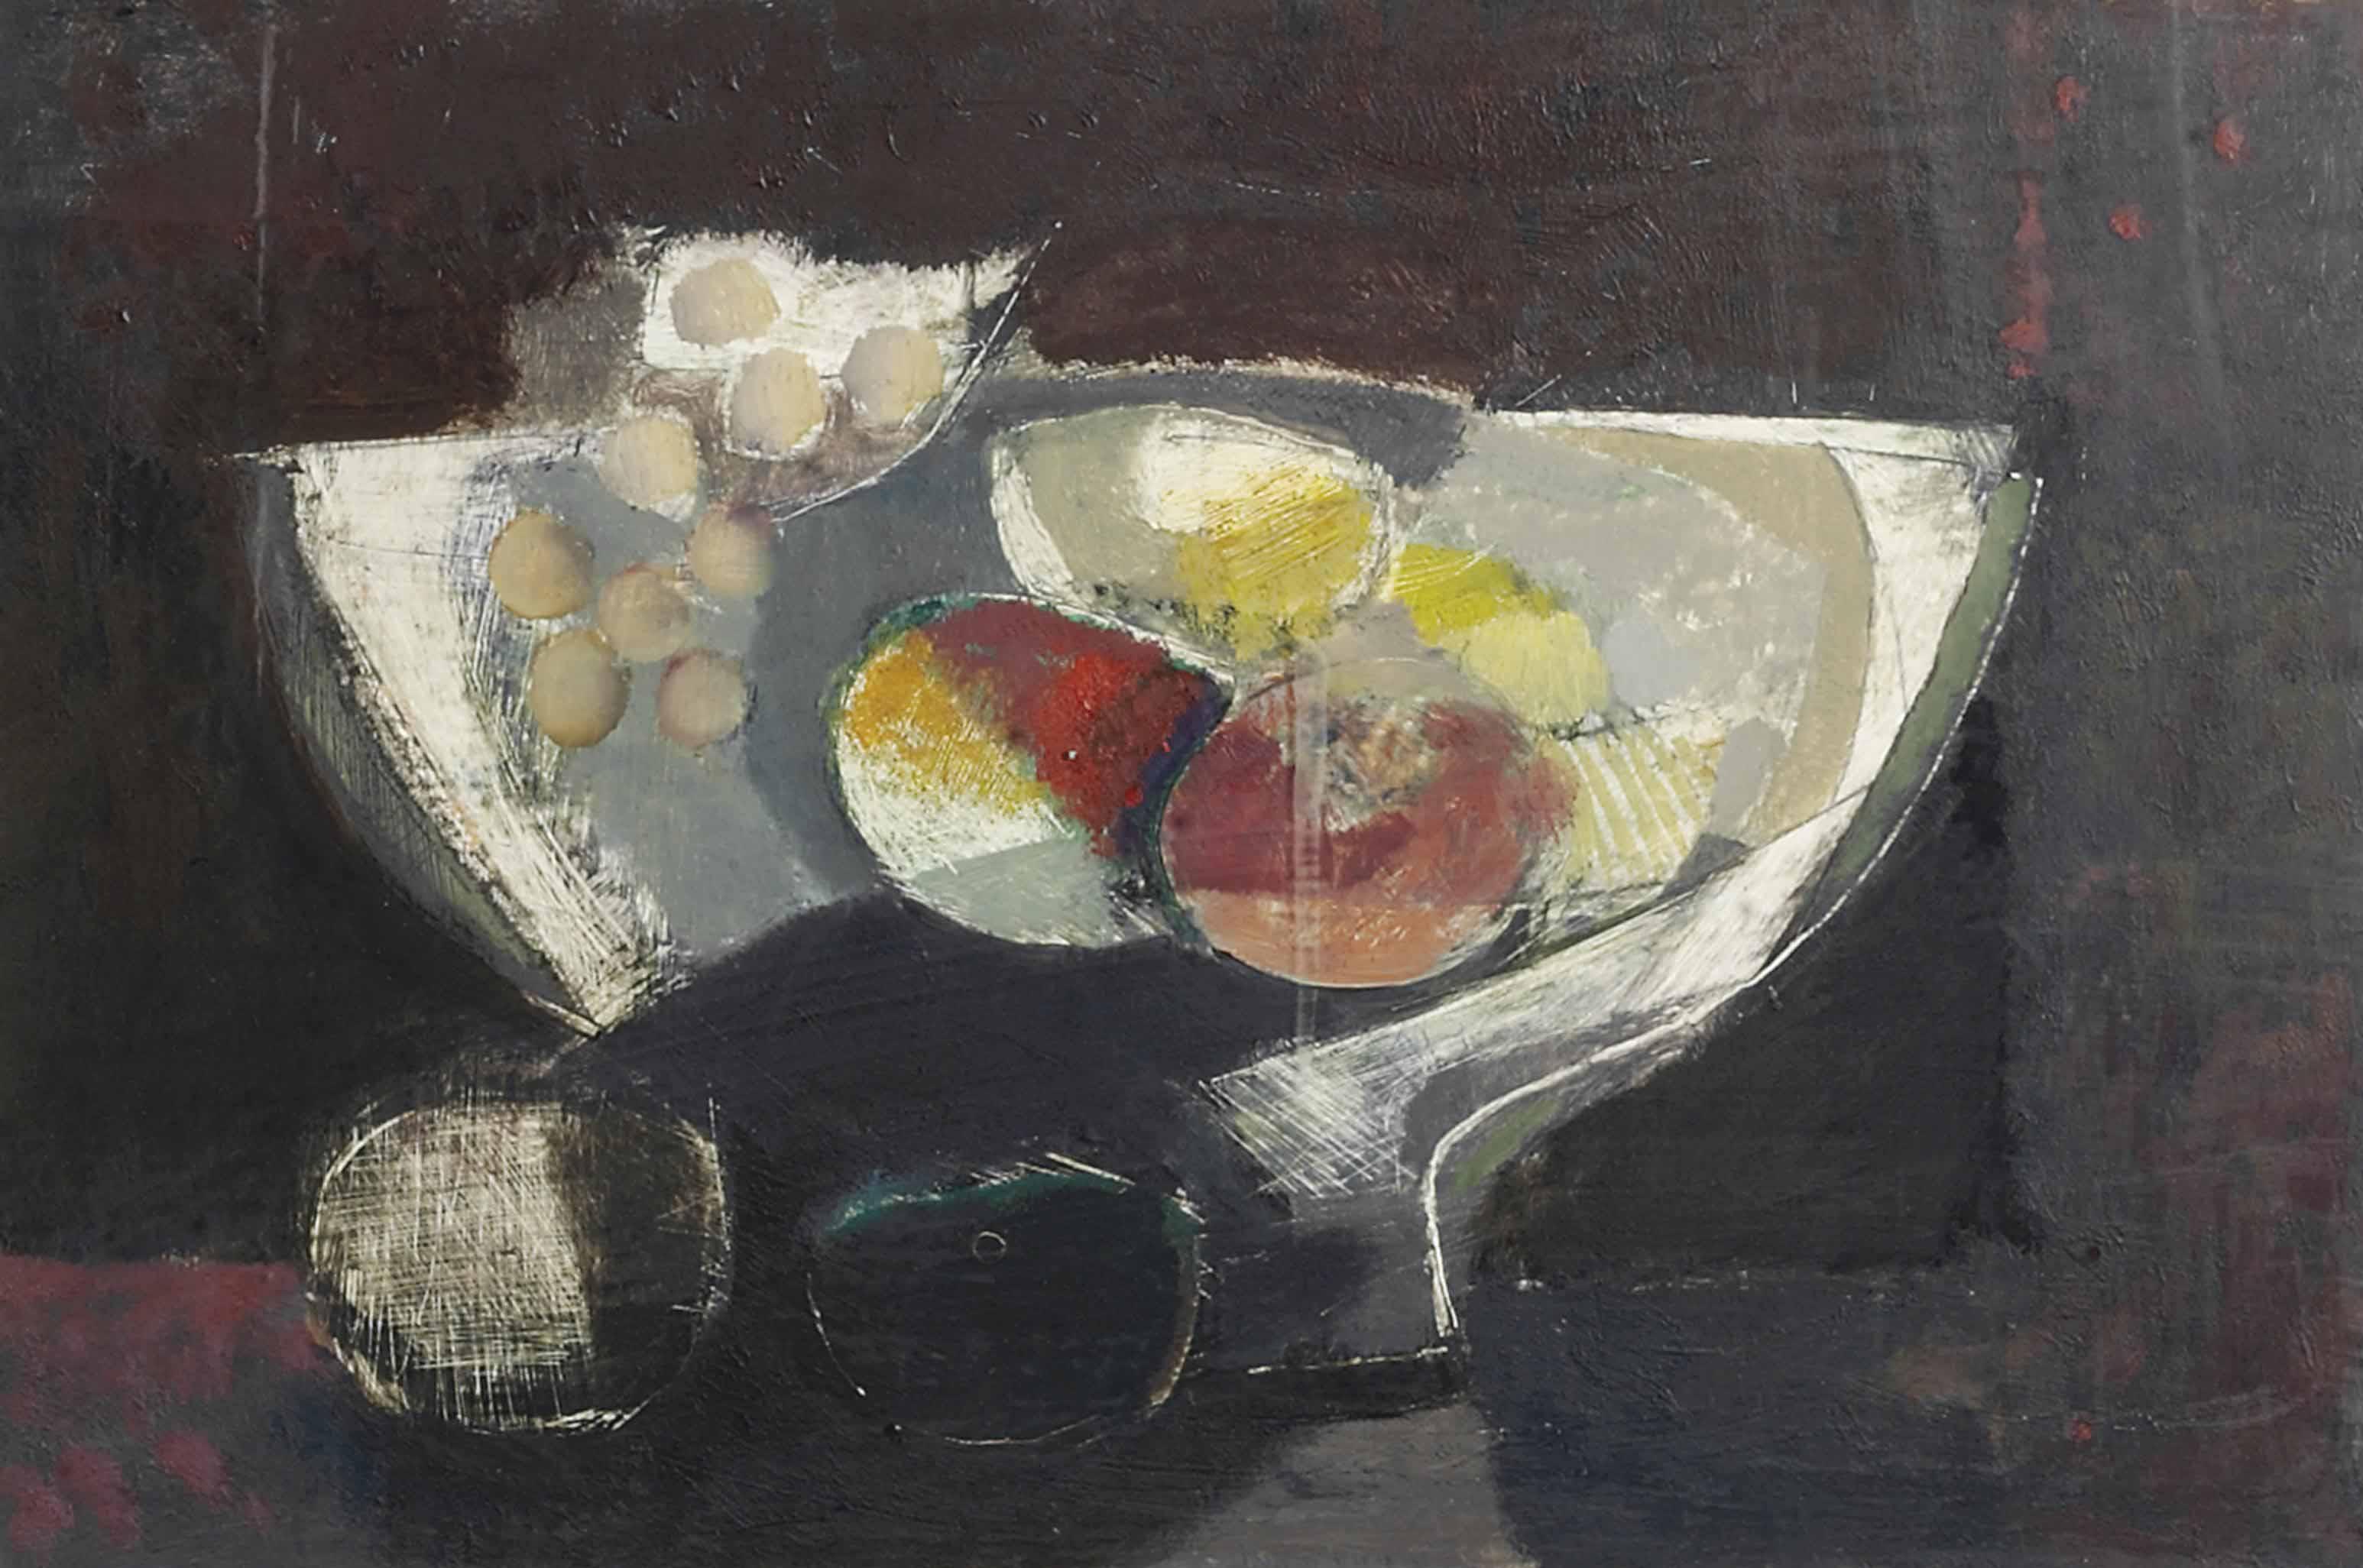 Clive Blackmore (b. 1940)